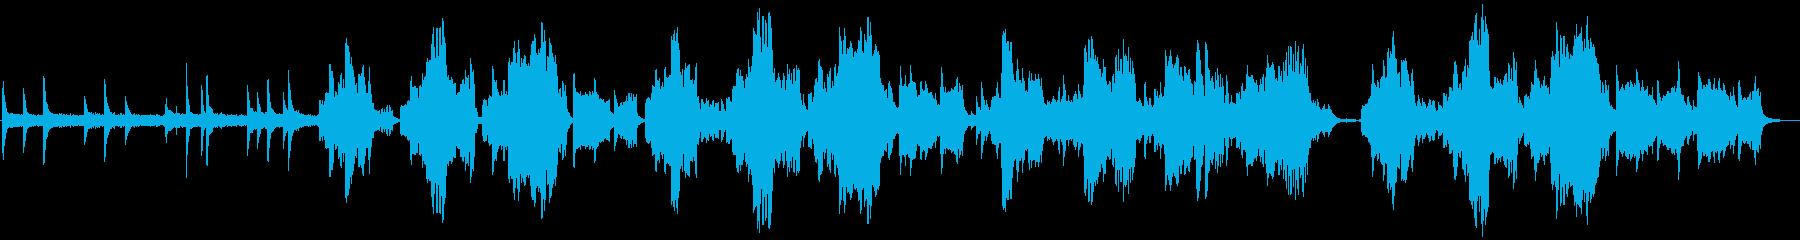 静かで優しい癒しのあるリコーダーの曲の再生済みの波形